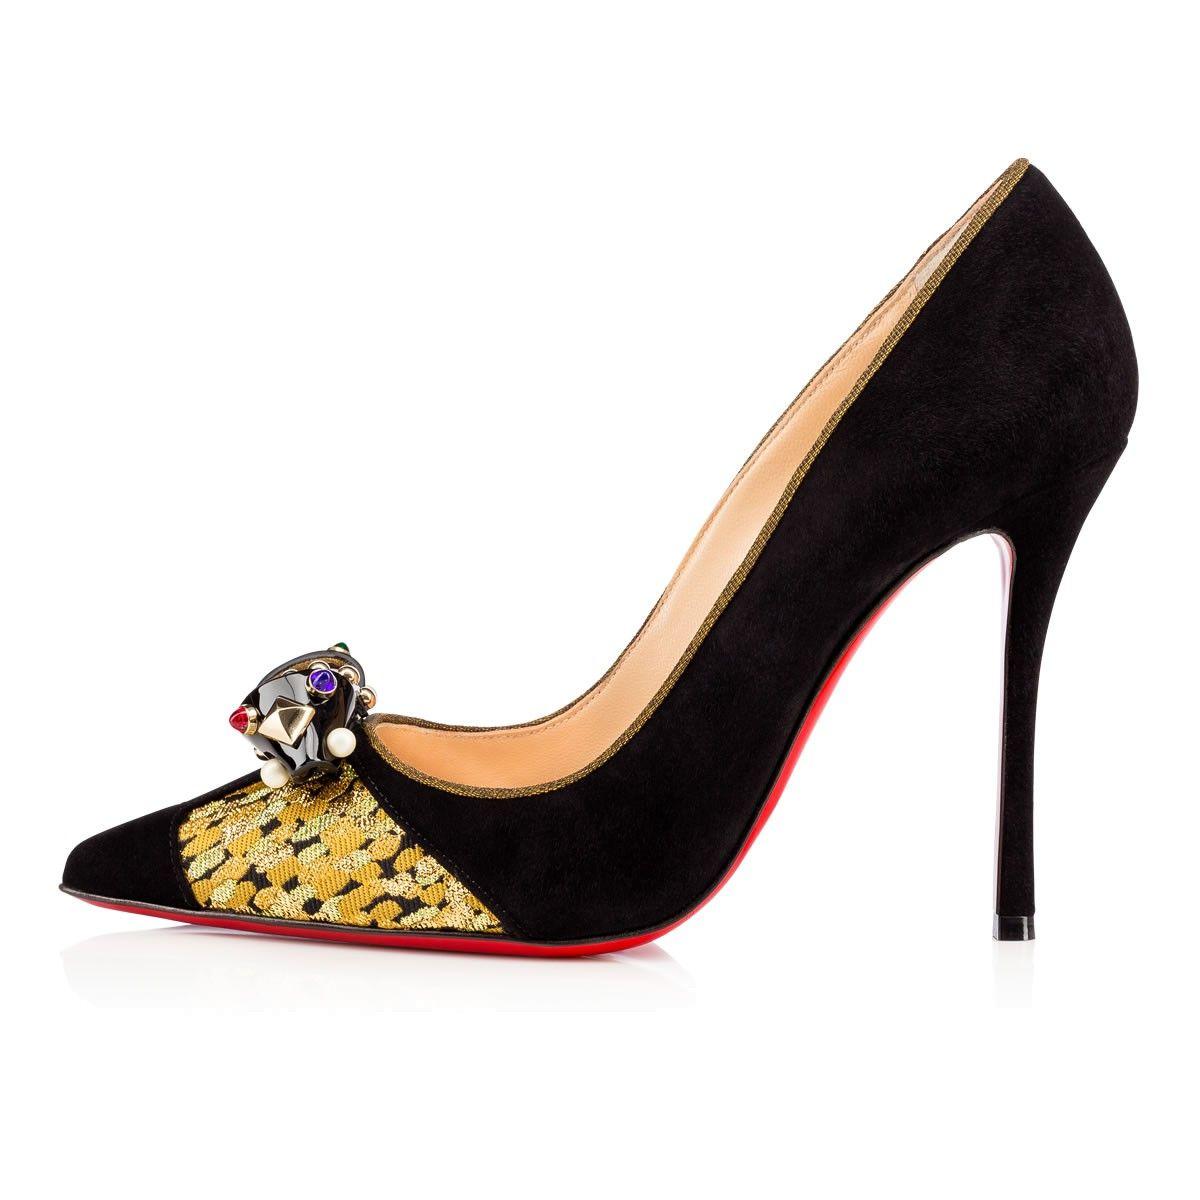 6e0b0b8a890 Women Shoes - Tudor Net 100 Veau Vel/tissu Viennois/gg Veau Velours ...